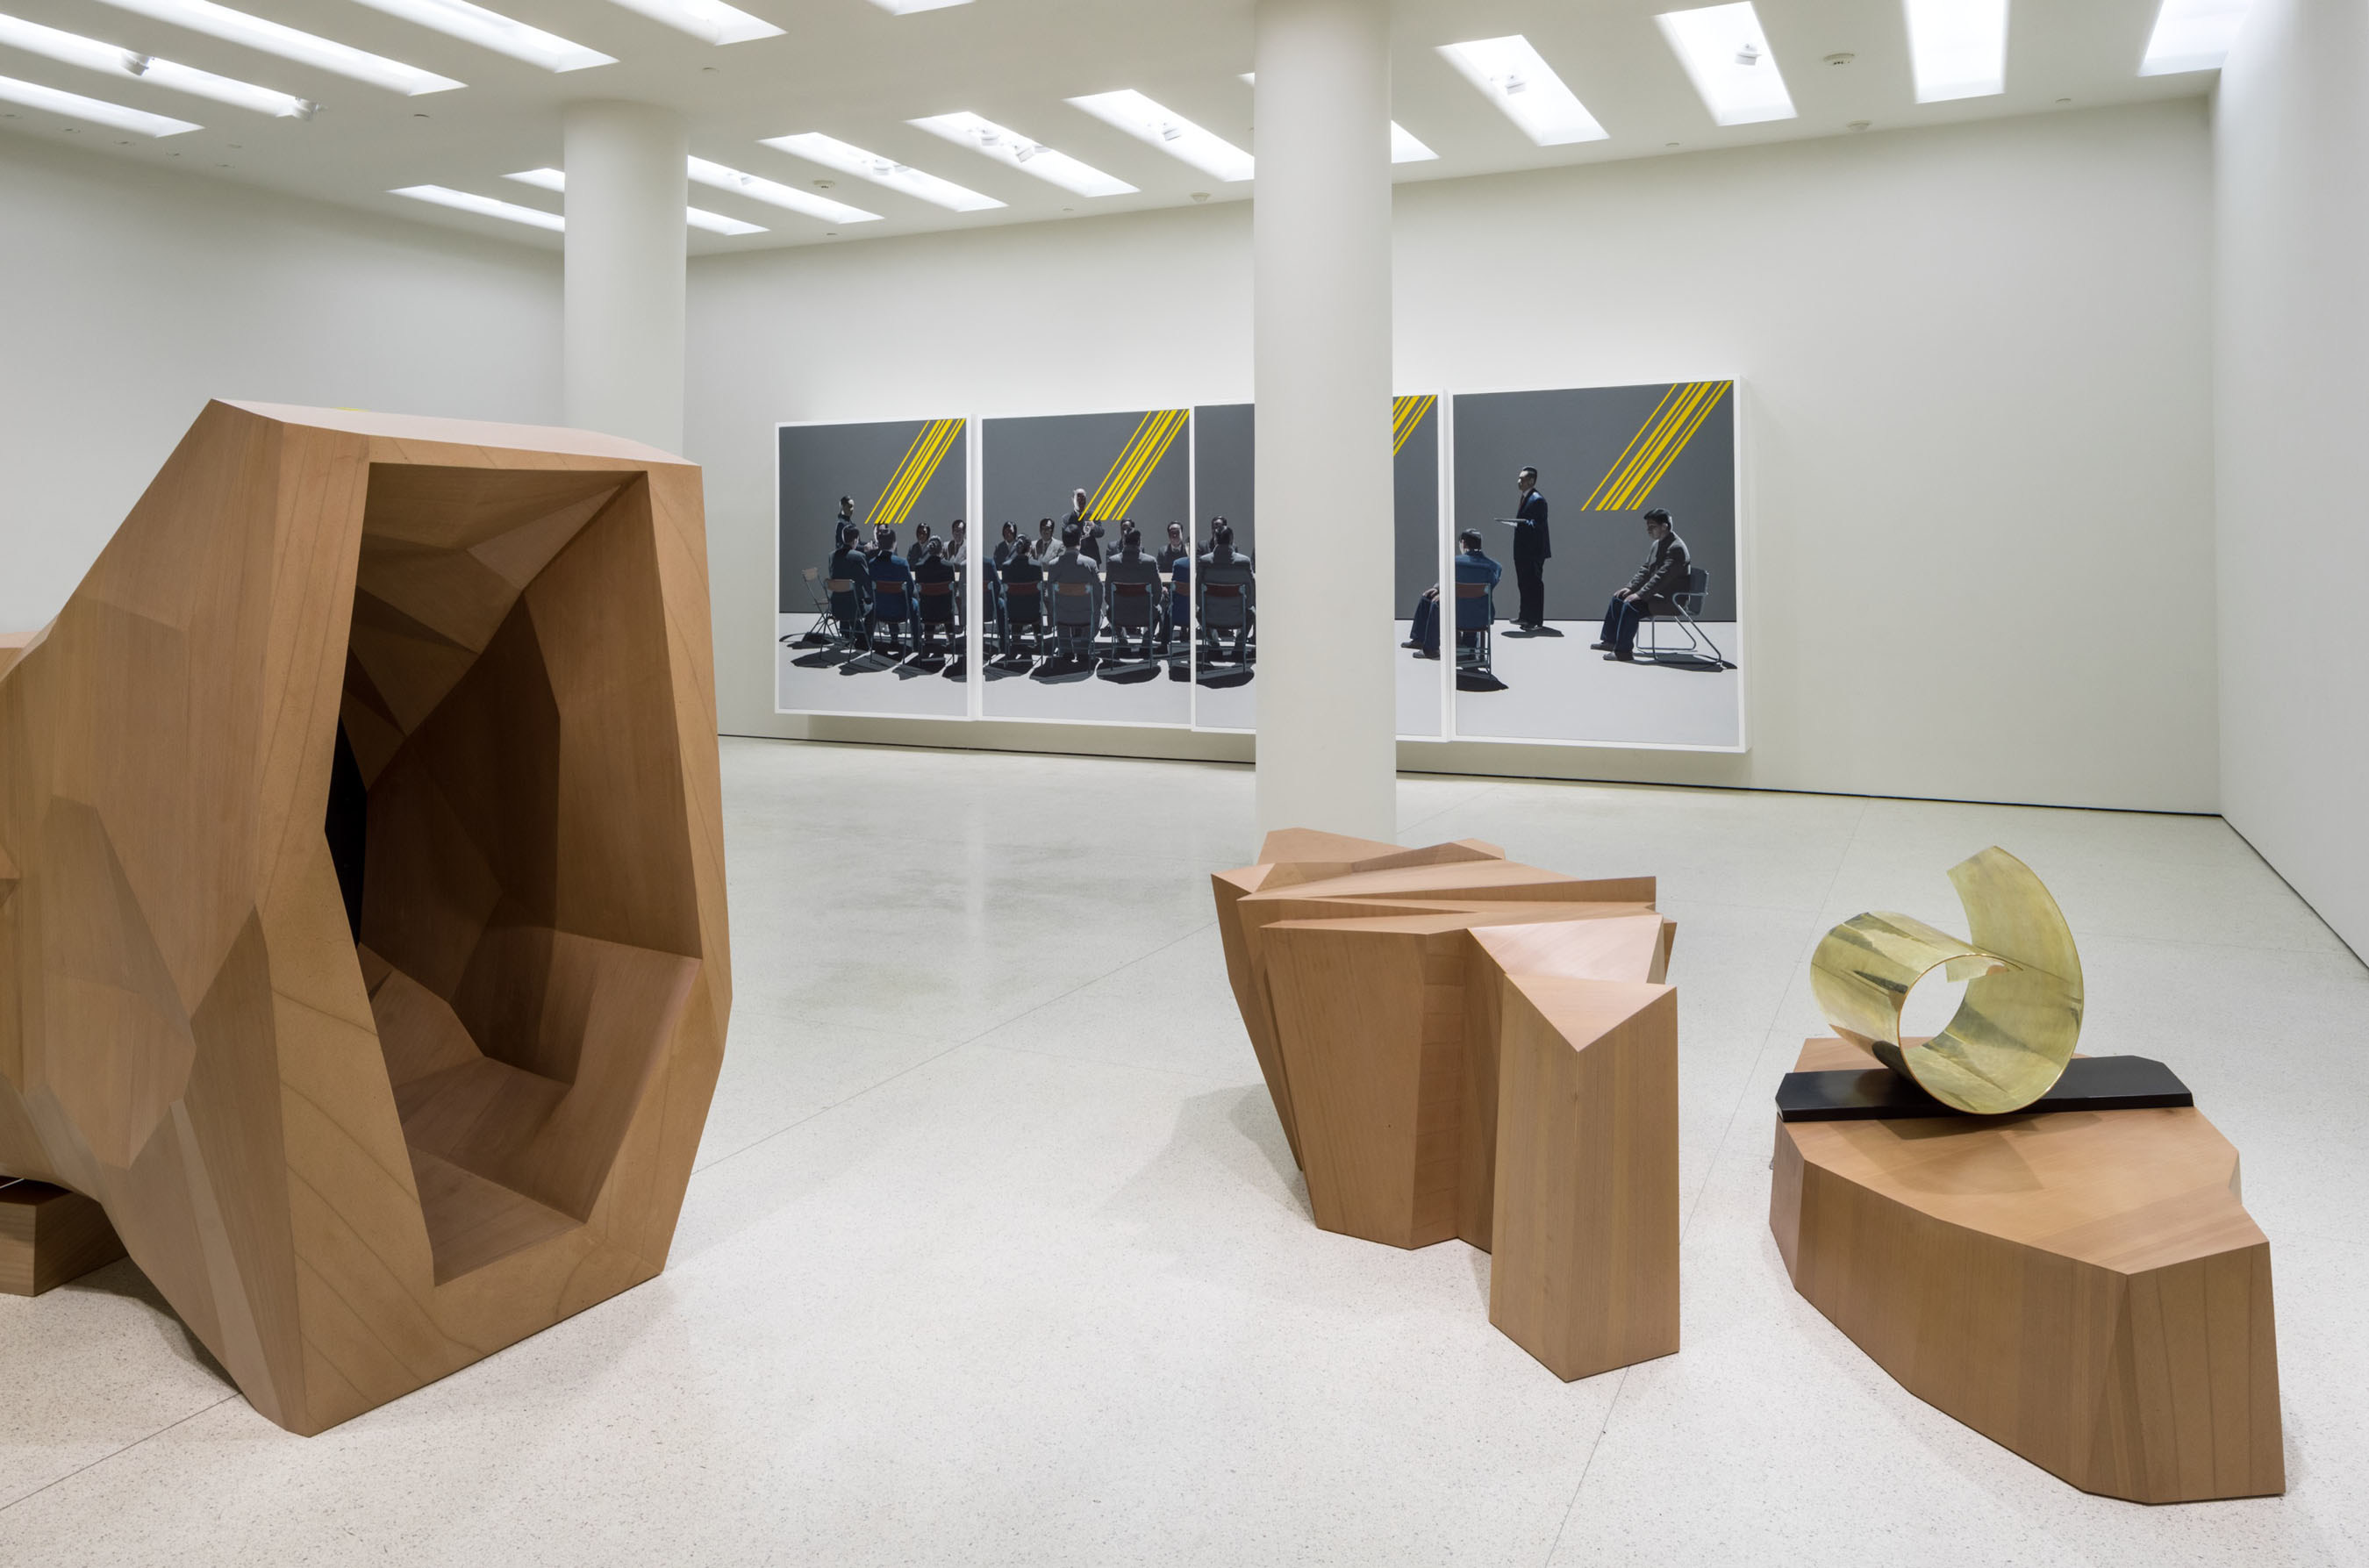 Musée Guggenheim présente Wang Jianwei : Time Temple, nouvelles œuvres par le premier artiste